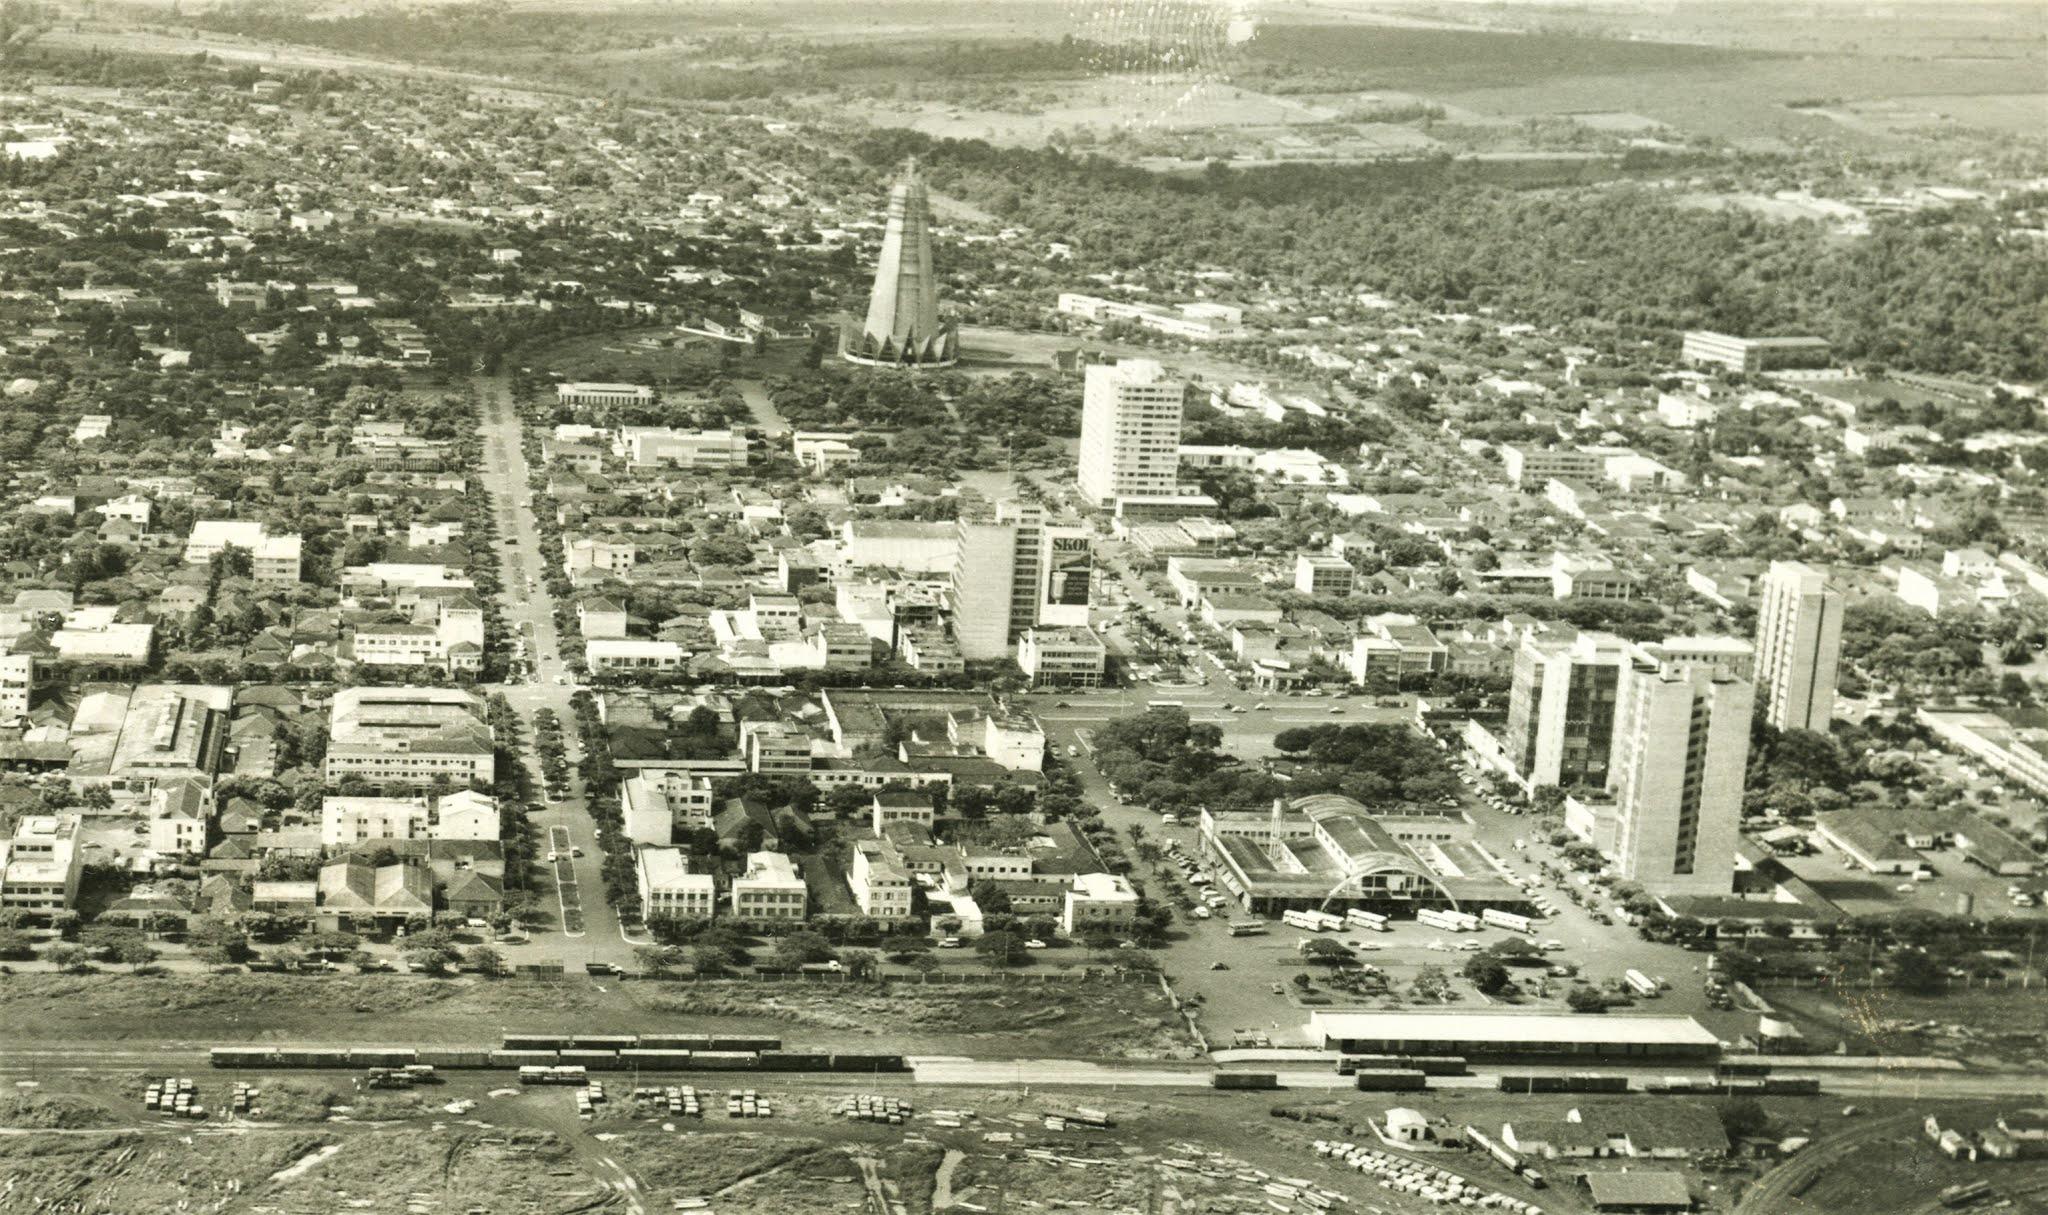 Vista aérea do centro - Anos 1970